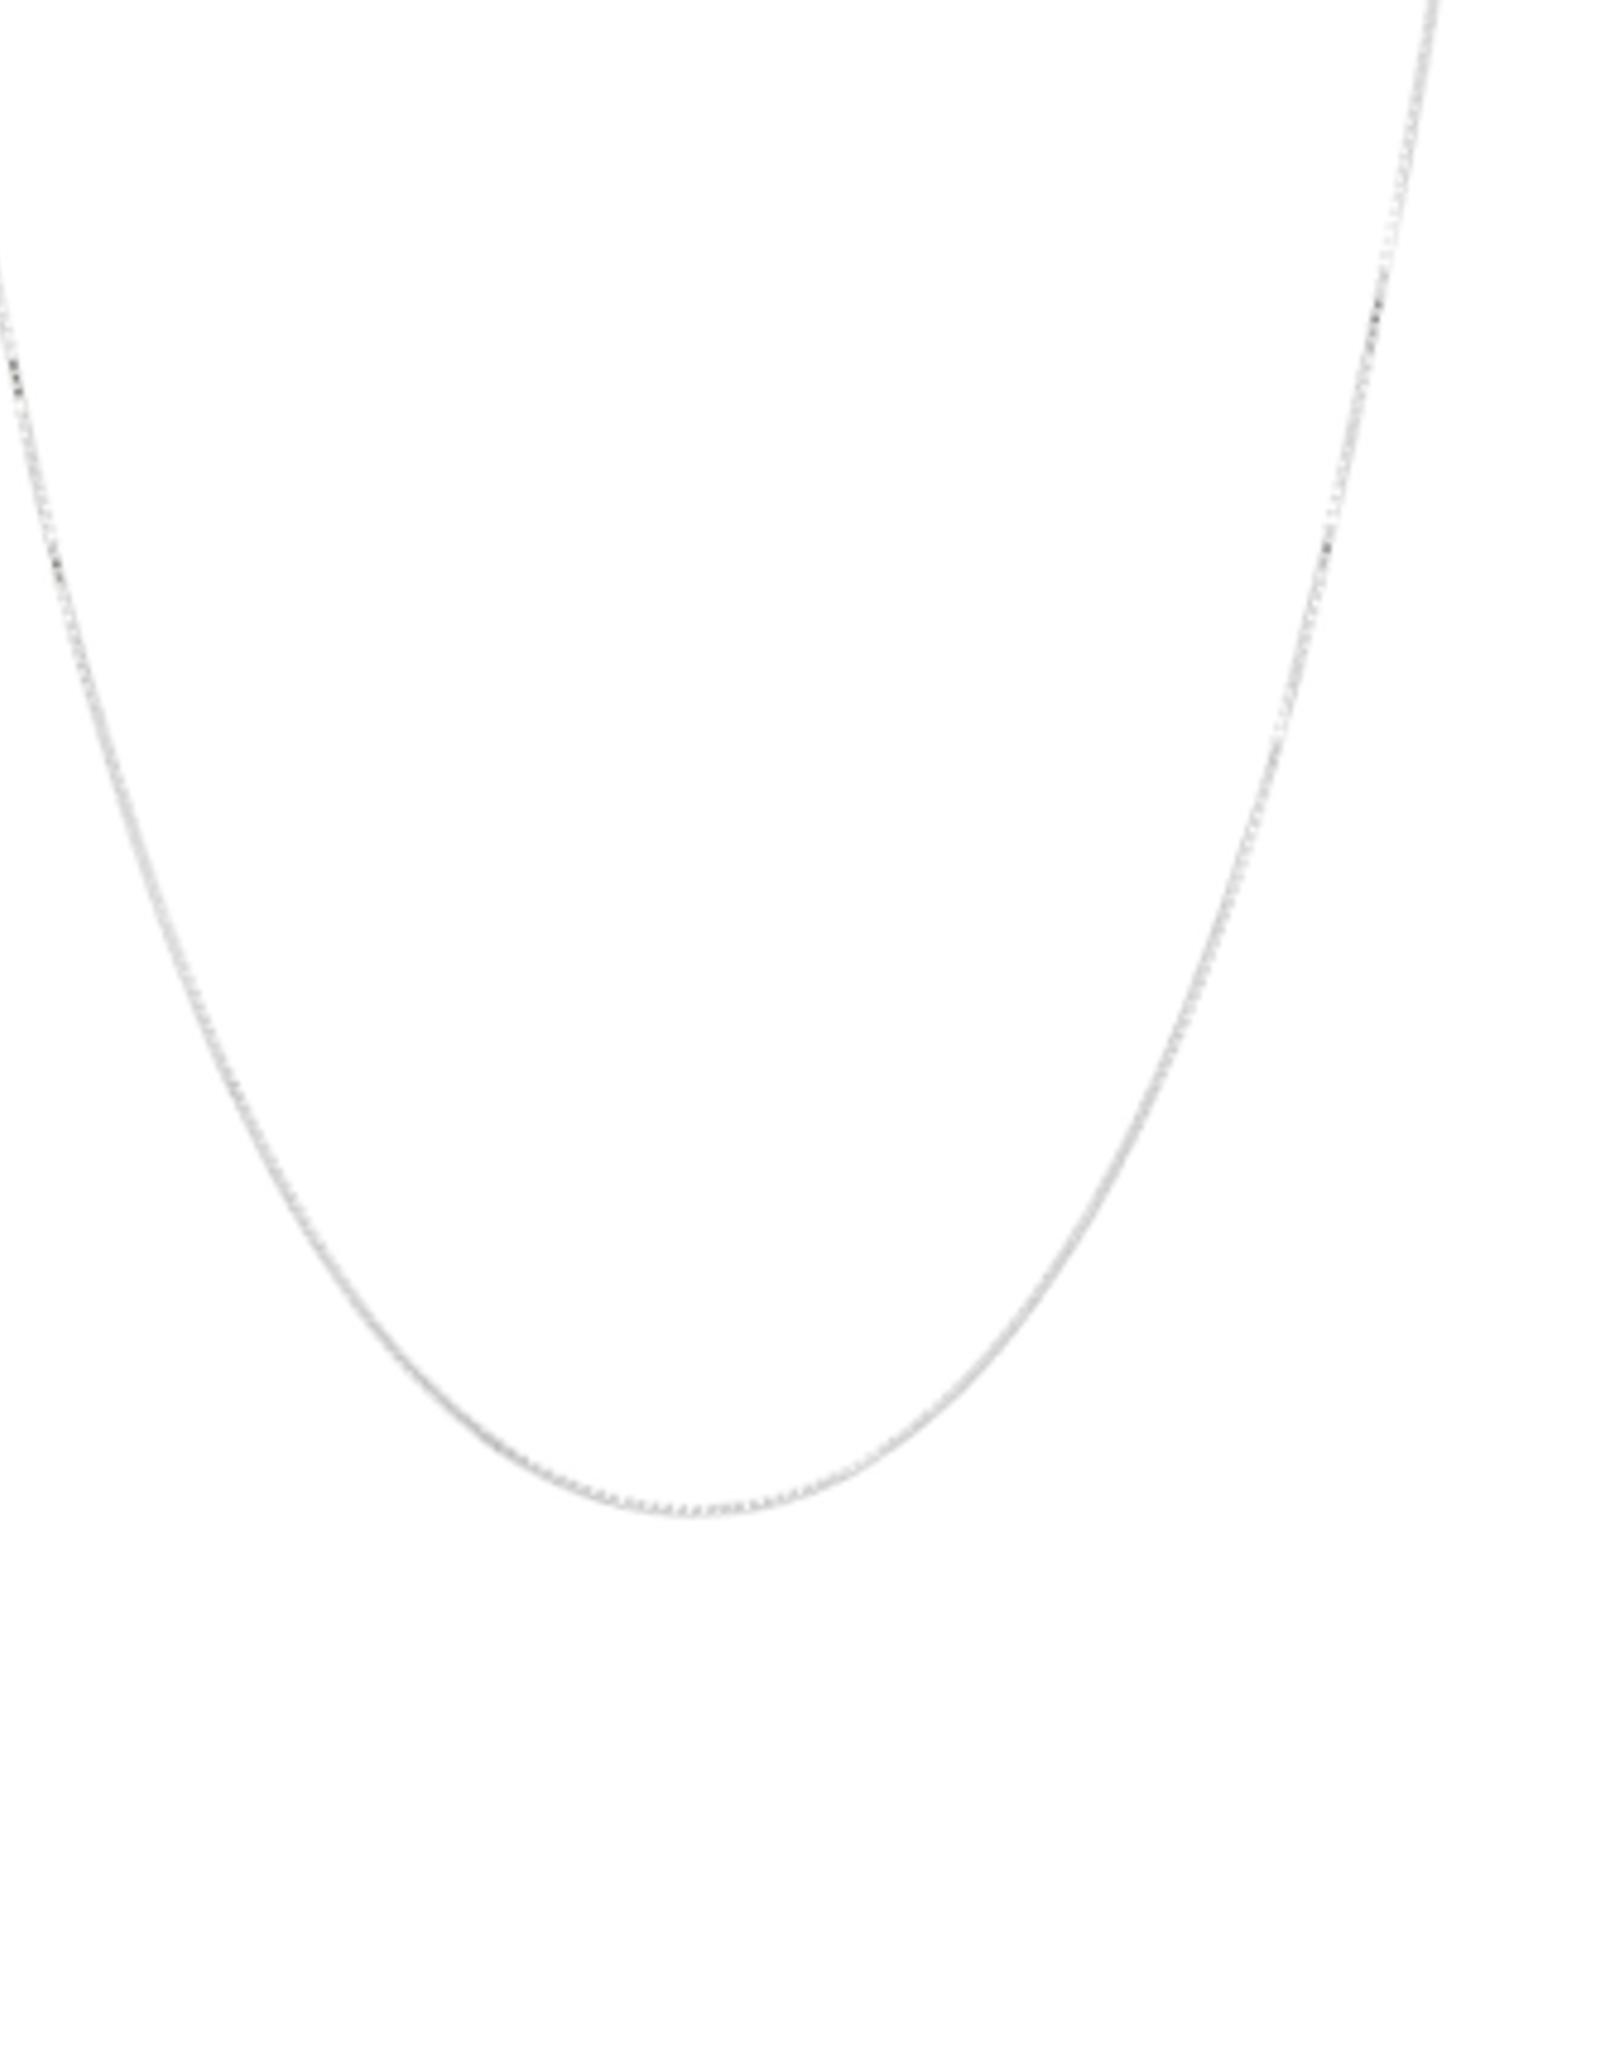 Anna + Nina Anna + Nina square plain necklace long